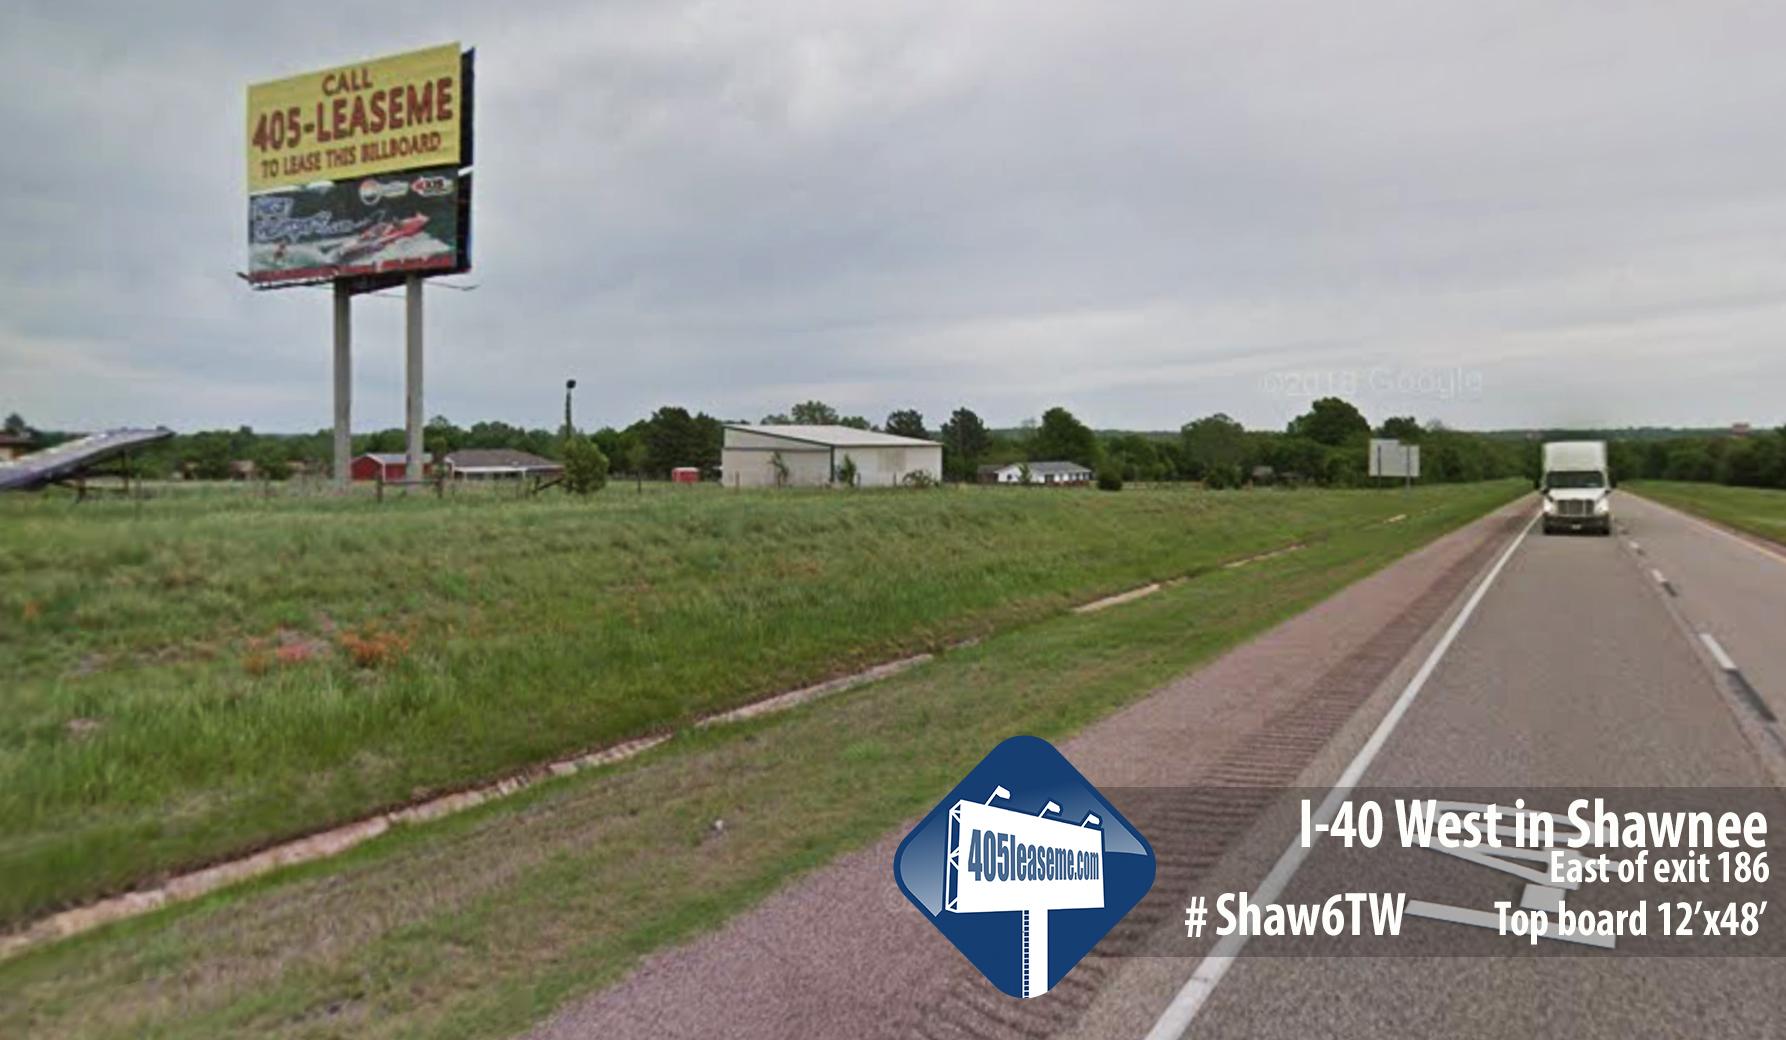 7 Shawnee - Shaw6TW